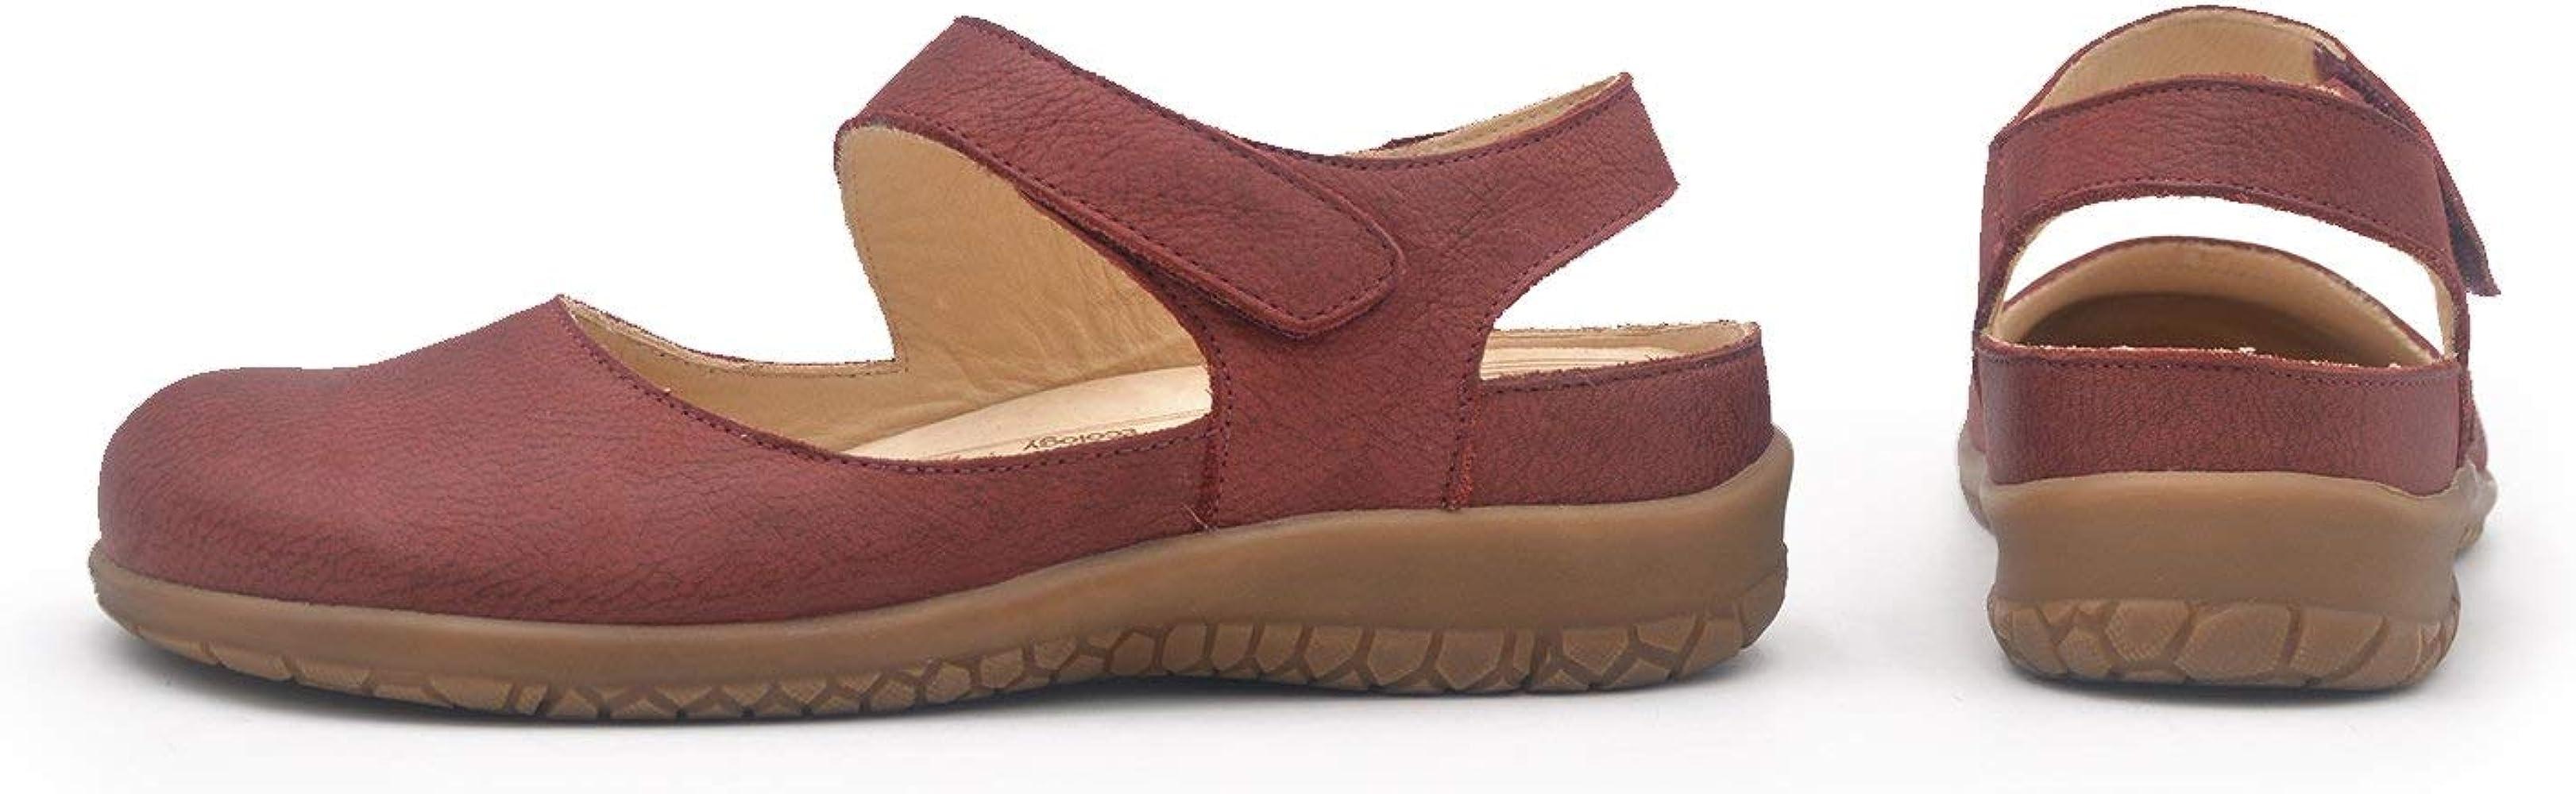 Laia Burdeos 36 EU Zapato Mujer Ancho y cómodo con Velcro